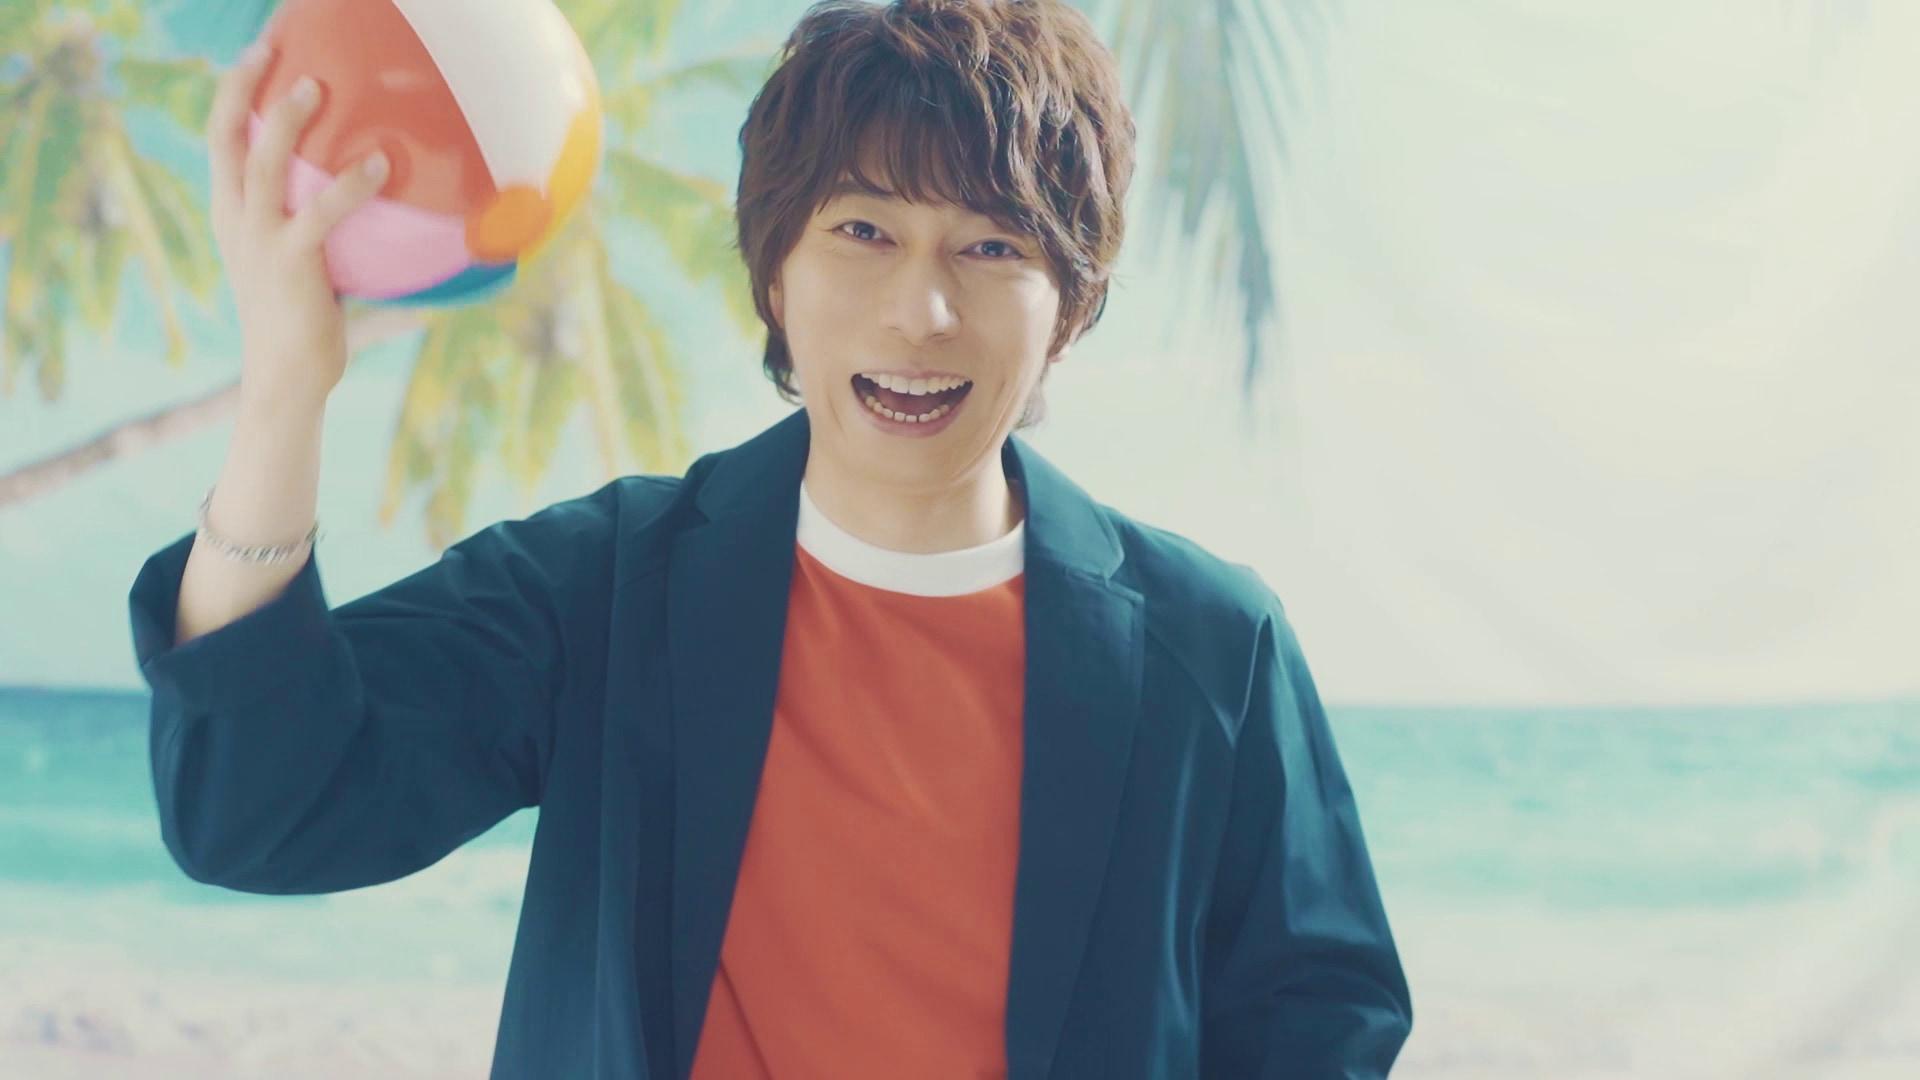 羽多野渉さん10thシングル「Never End! Summer!」MV公開!オンライン1on1特典会の実施も決定